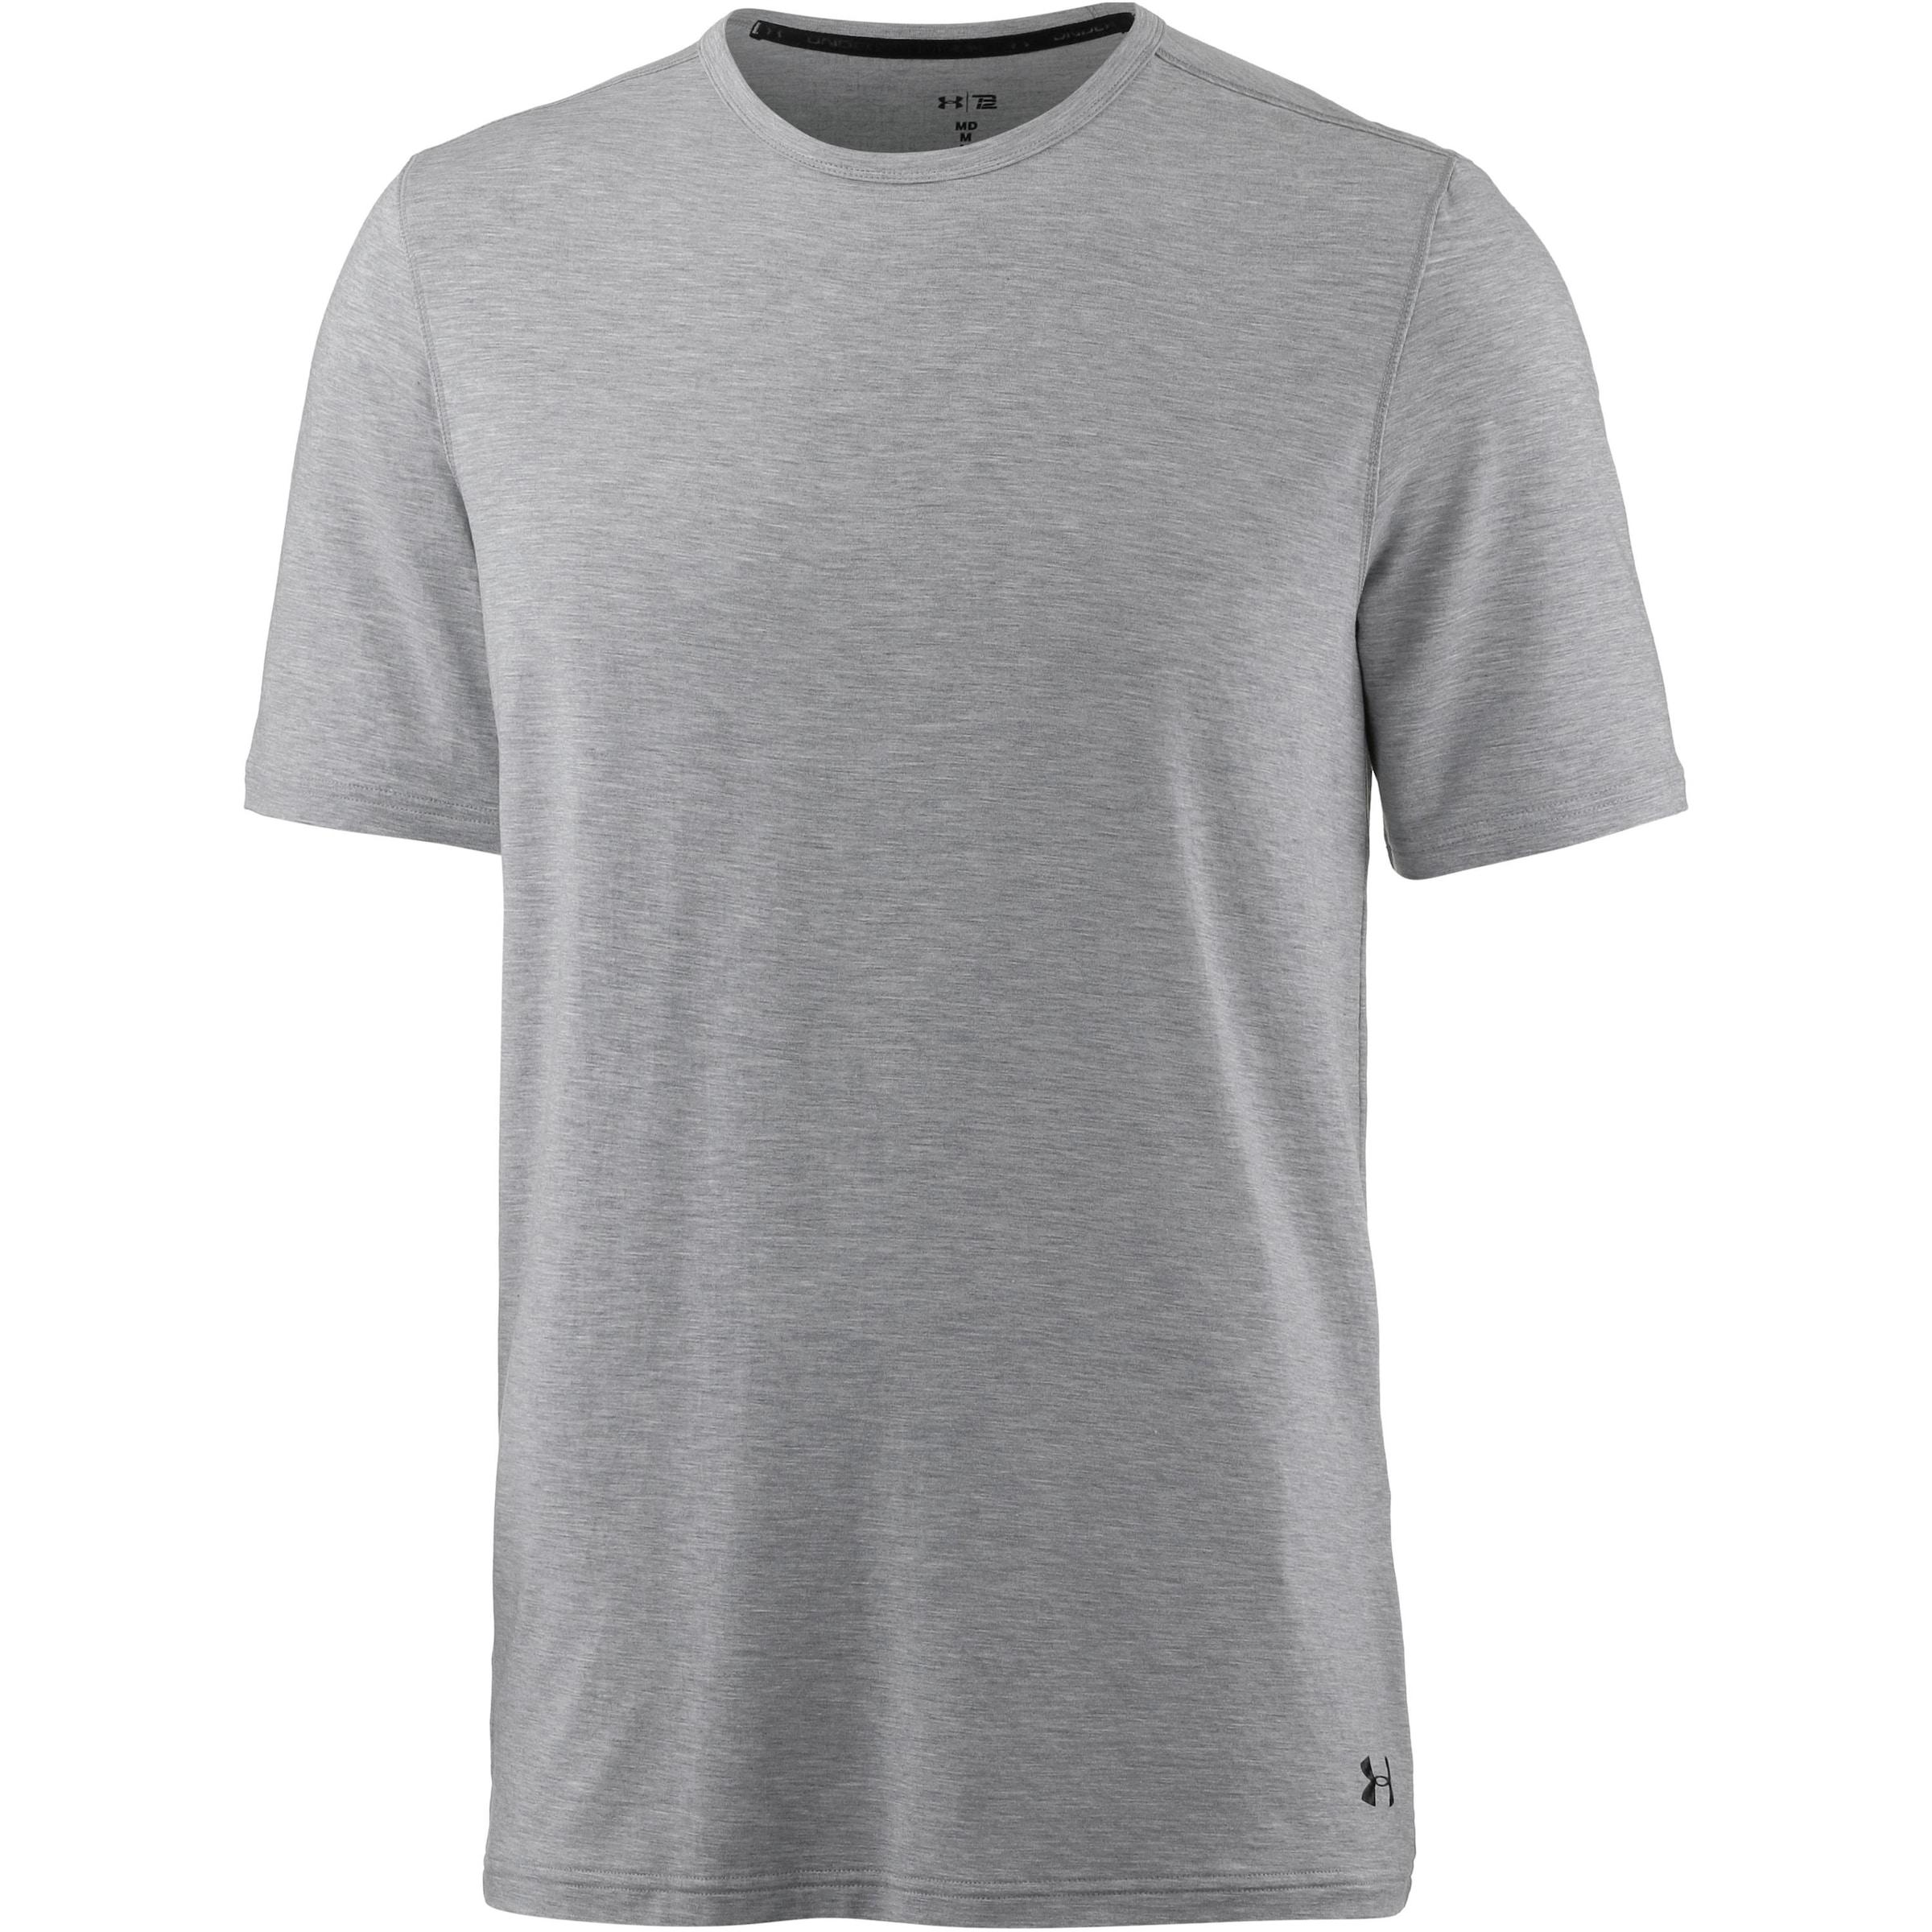 UNDER ARMOUR 'TB12 Sleepwear' T-Shirt Bester Verkauf Besuchen Neue Günstig Online Online-Bilder Verkauf Steckdose Truhe Rabatt Für Billig WV4T7eyEV